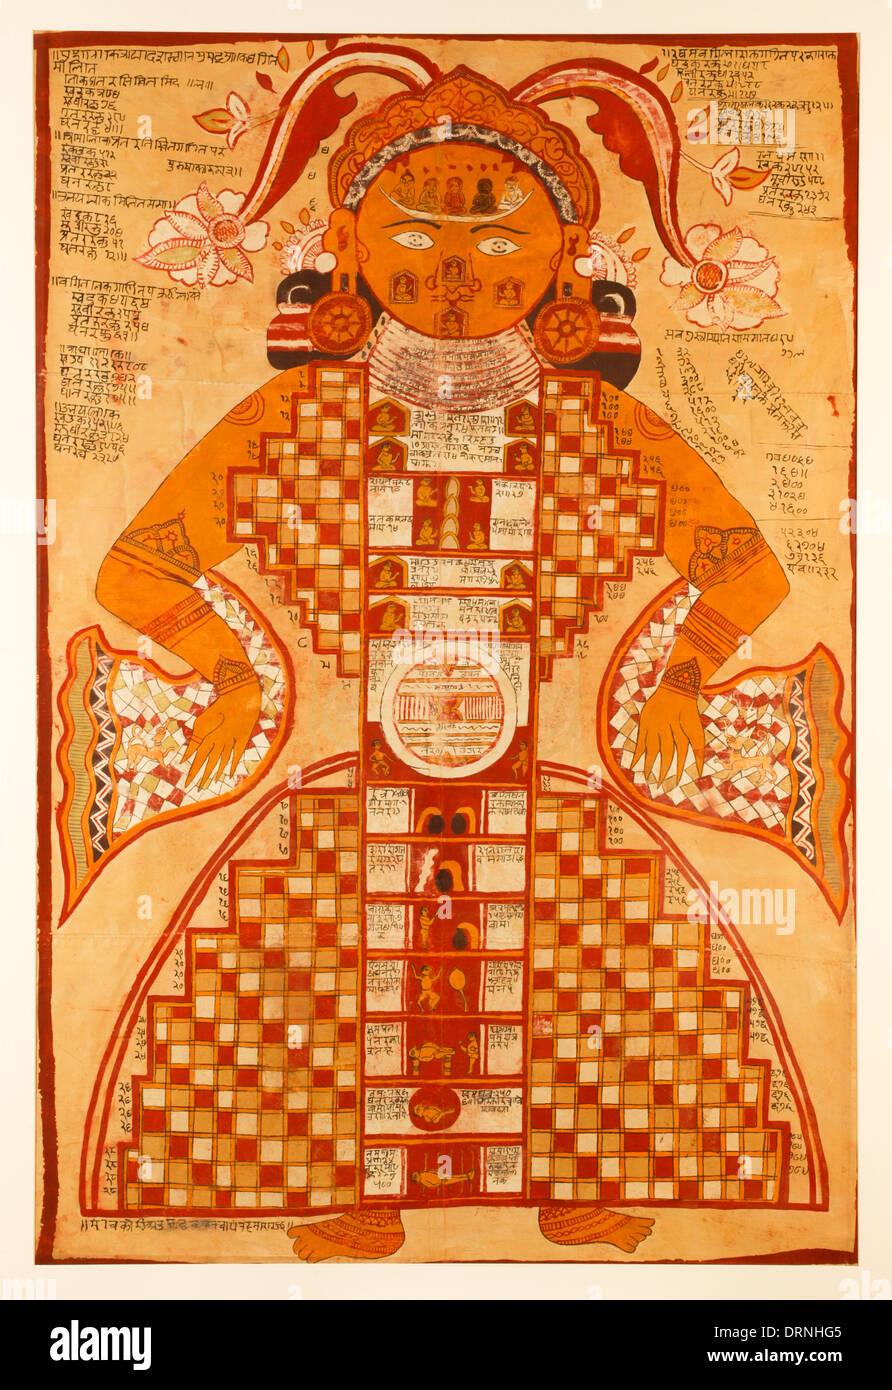 Purushkara Jain, Yantra figure cosmique gouache sur soie de Rajasthan Inde vers 1780 montrant le ciel et l'enfer Banque D'Images